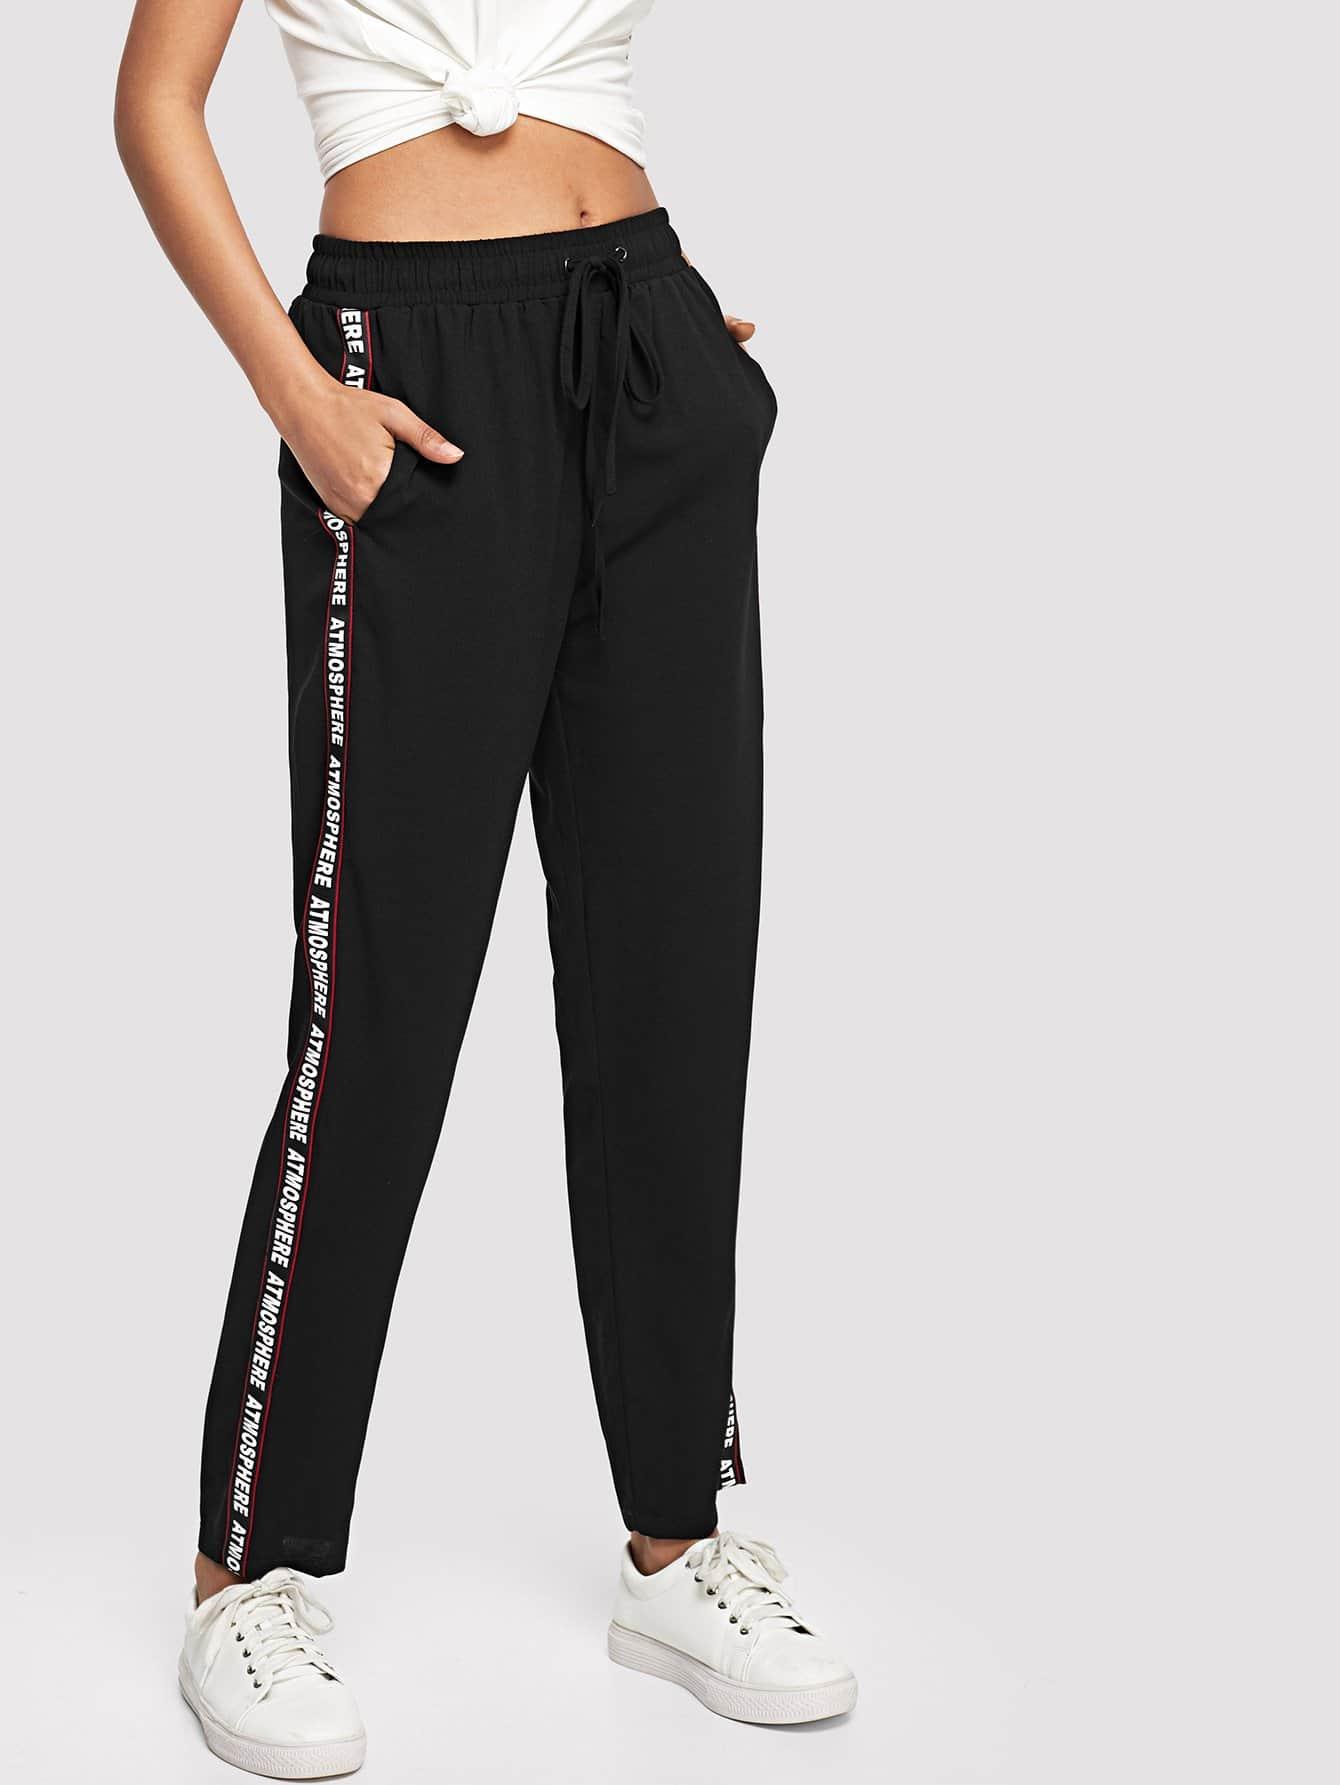 Lettering Tape Side Sweatpants lettering tape side skinny leggings